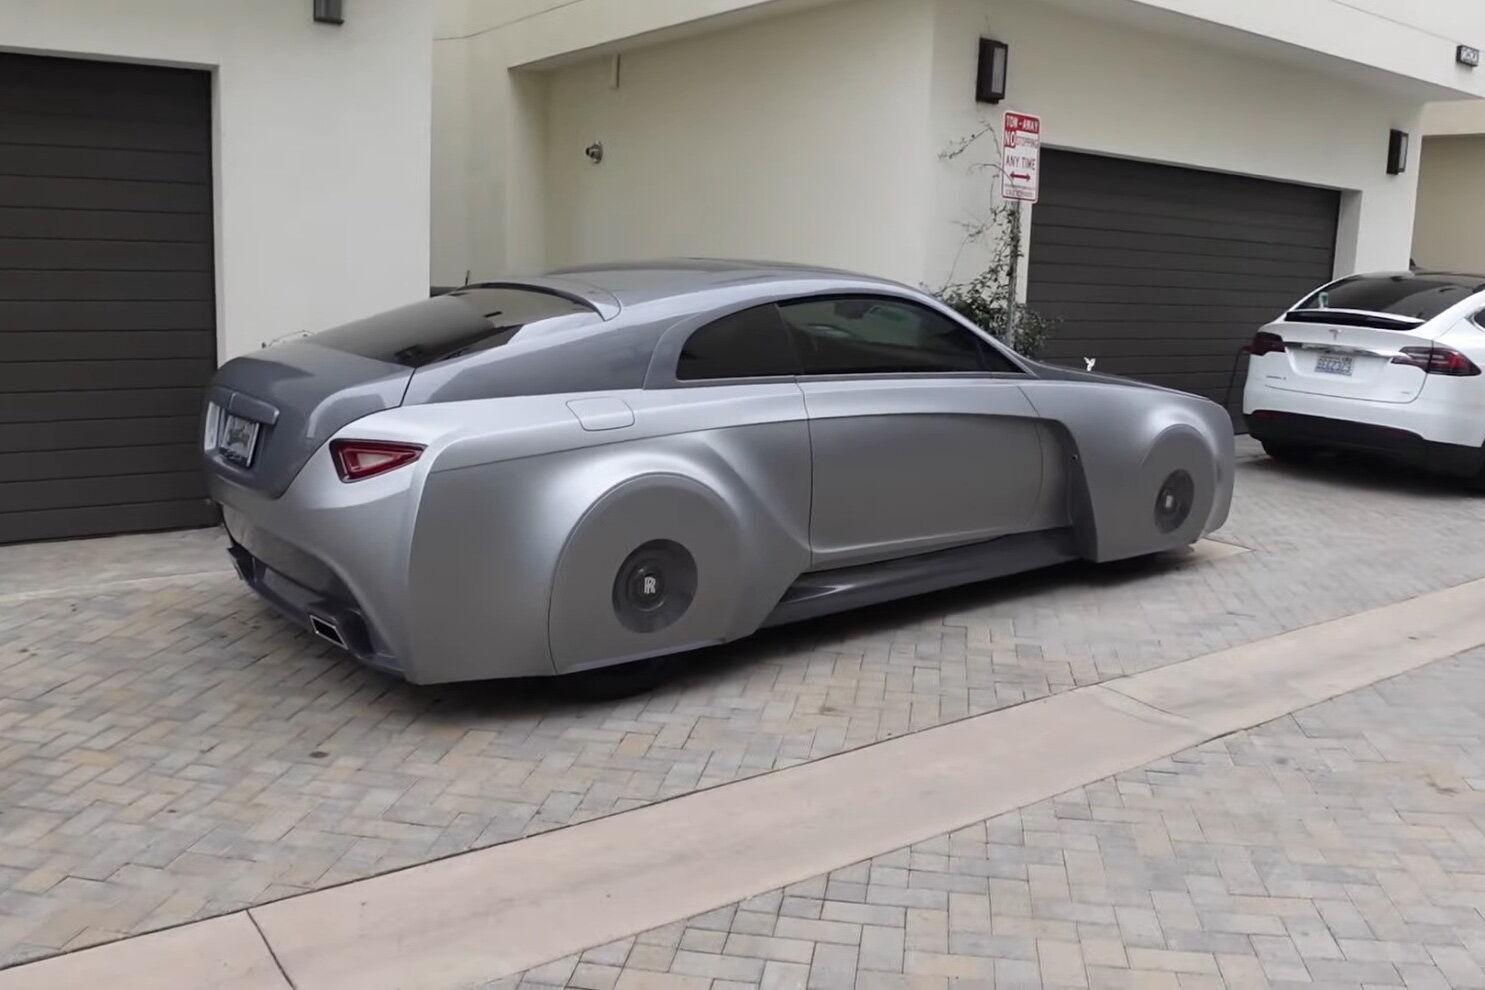 Впізнати у цьому автомобілі Rolls-Royce Wraith можна лише за характерною рамкою лобового скла та похилою задньою частиною кузова